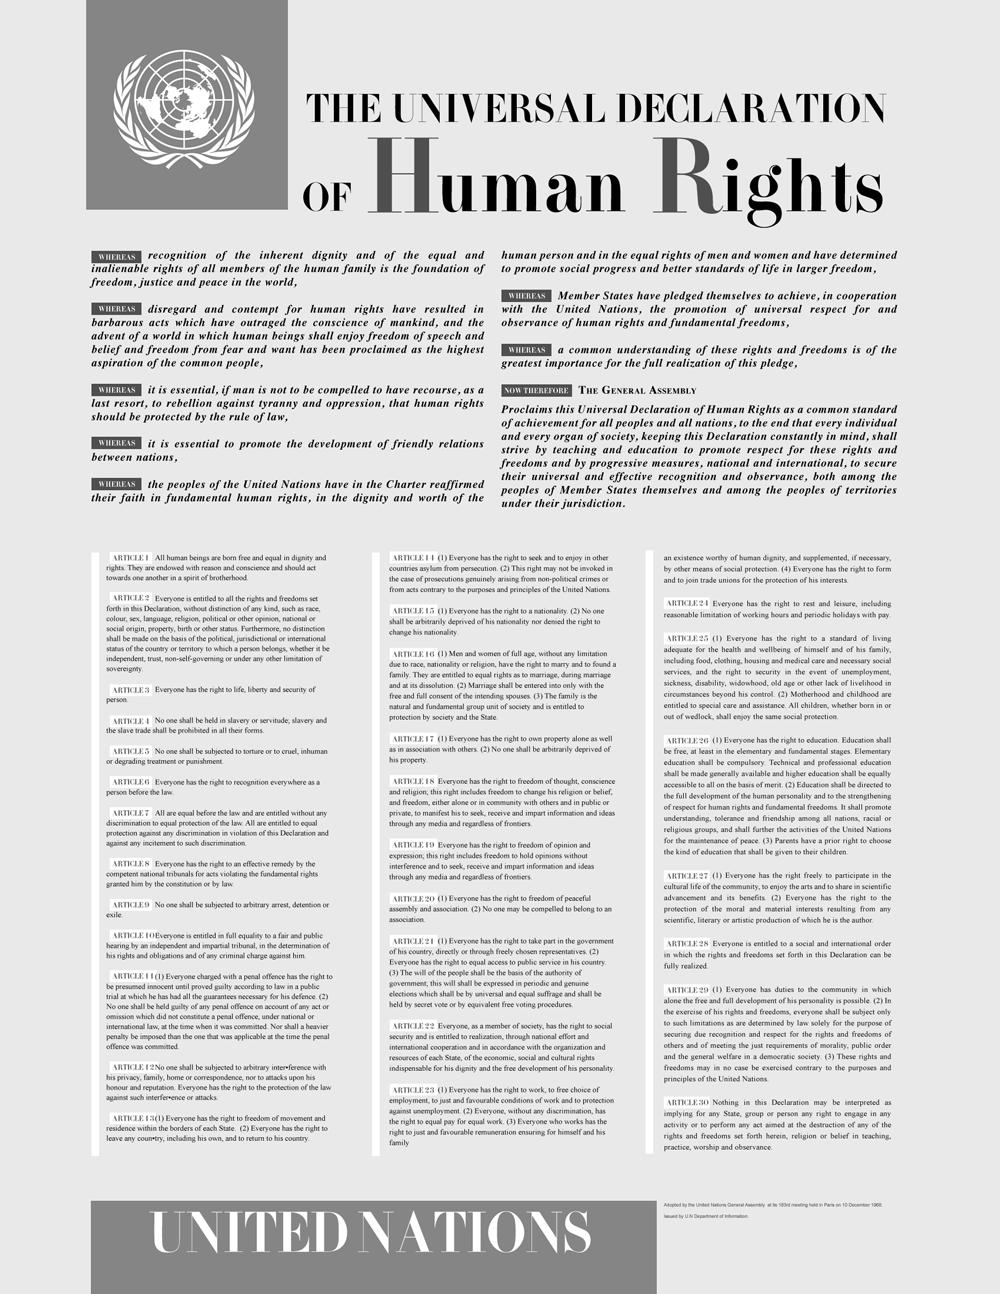 Una Breve Historia sobre los Derechos Humanos